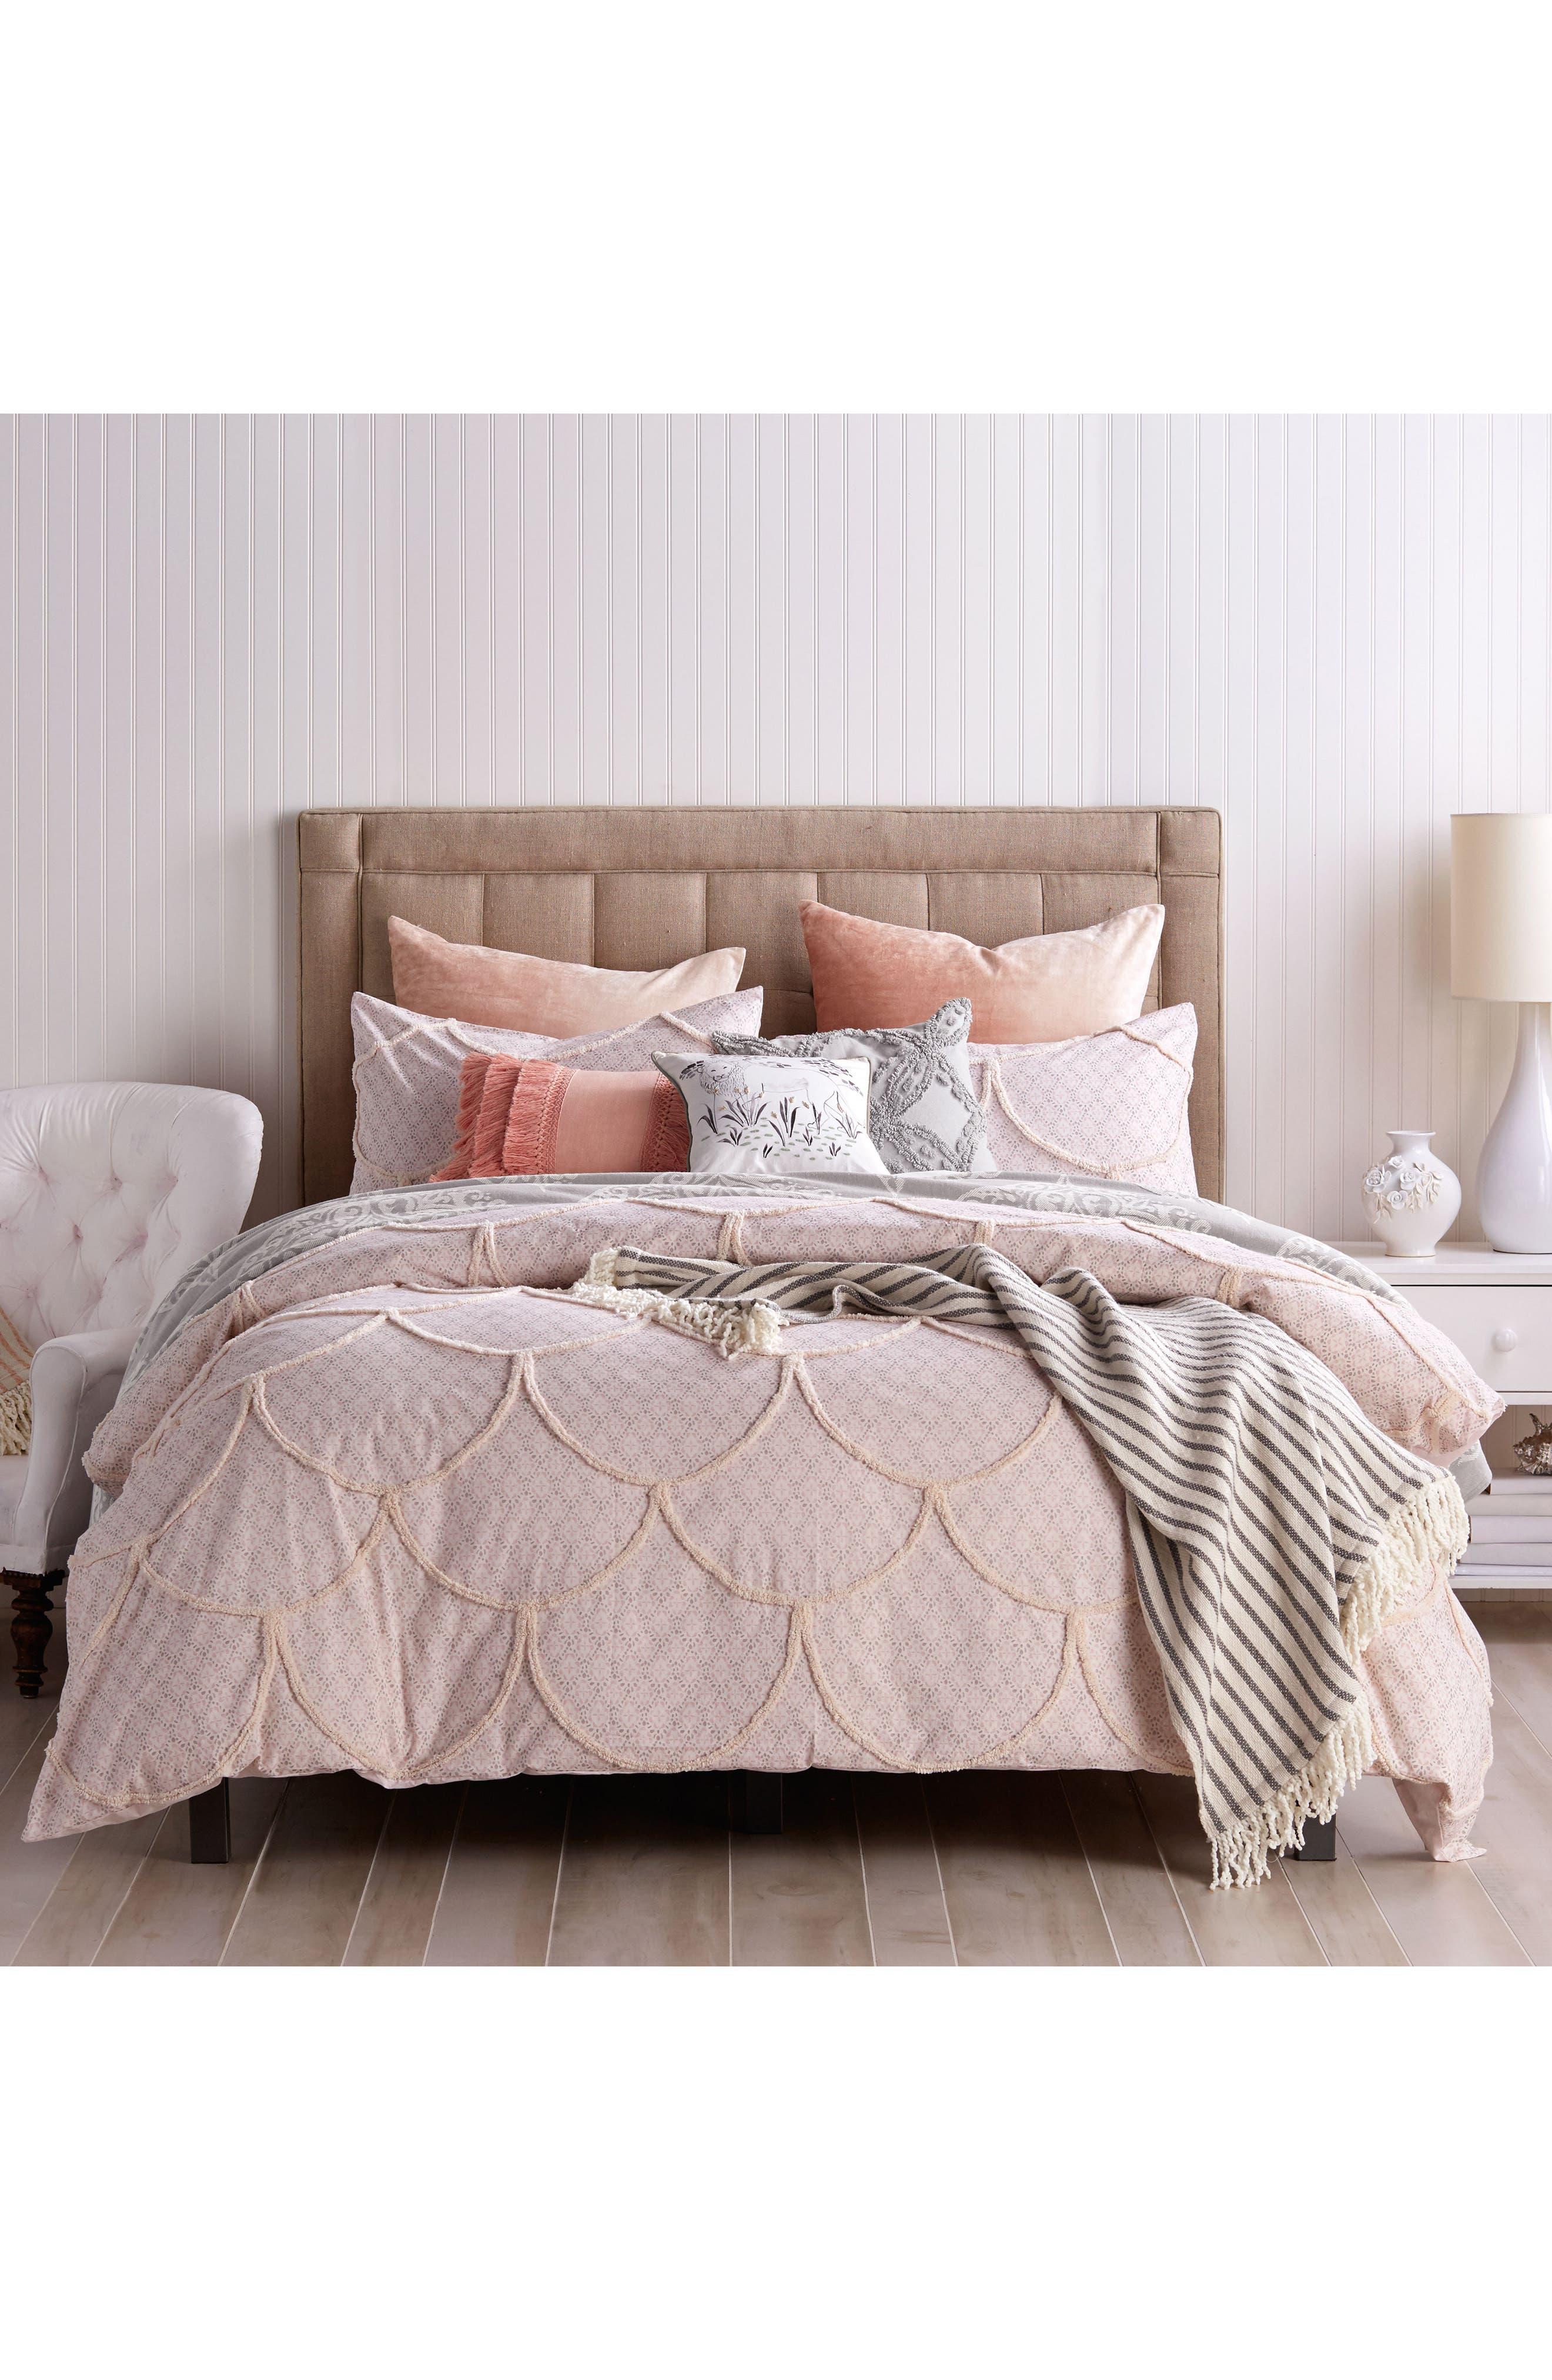 Peri Home Chenille Scallop Comforter & Sham Set